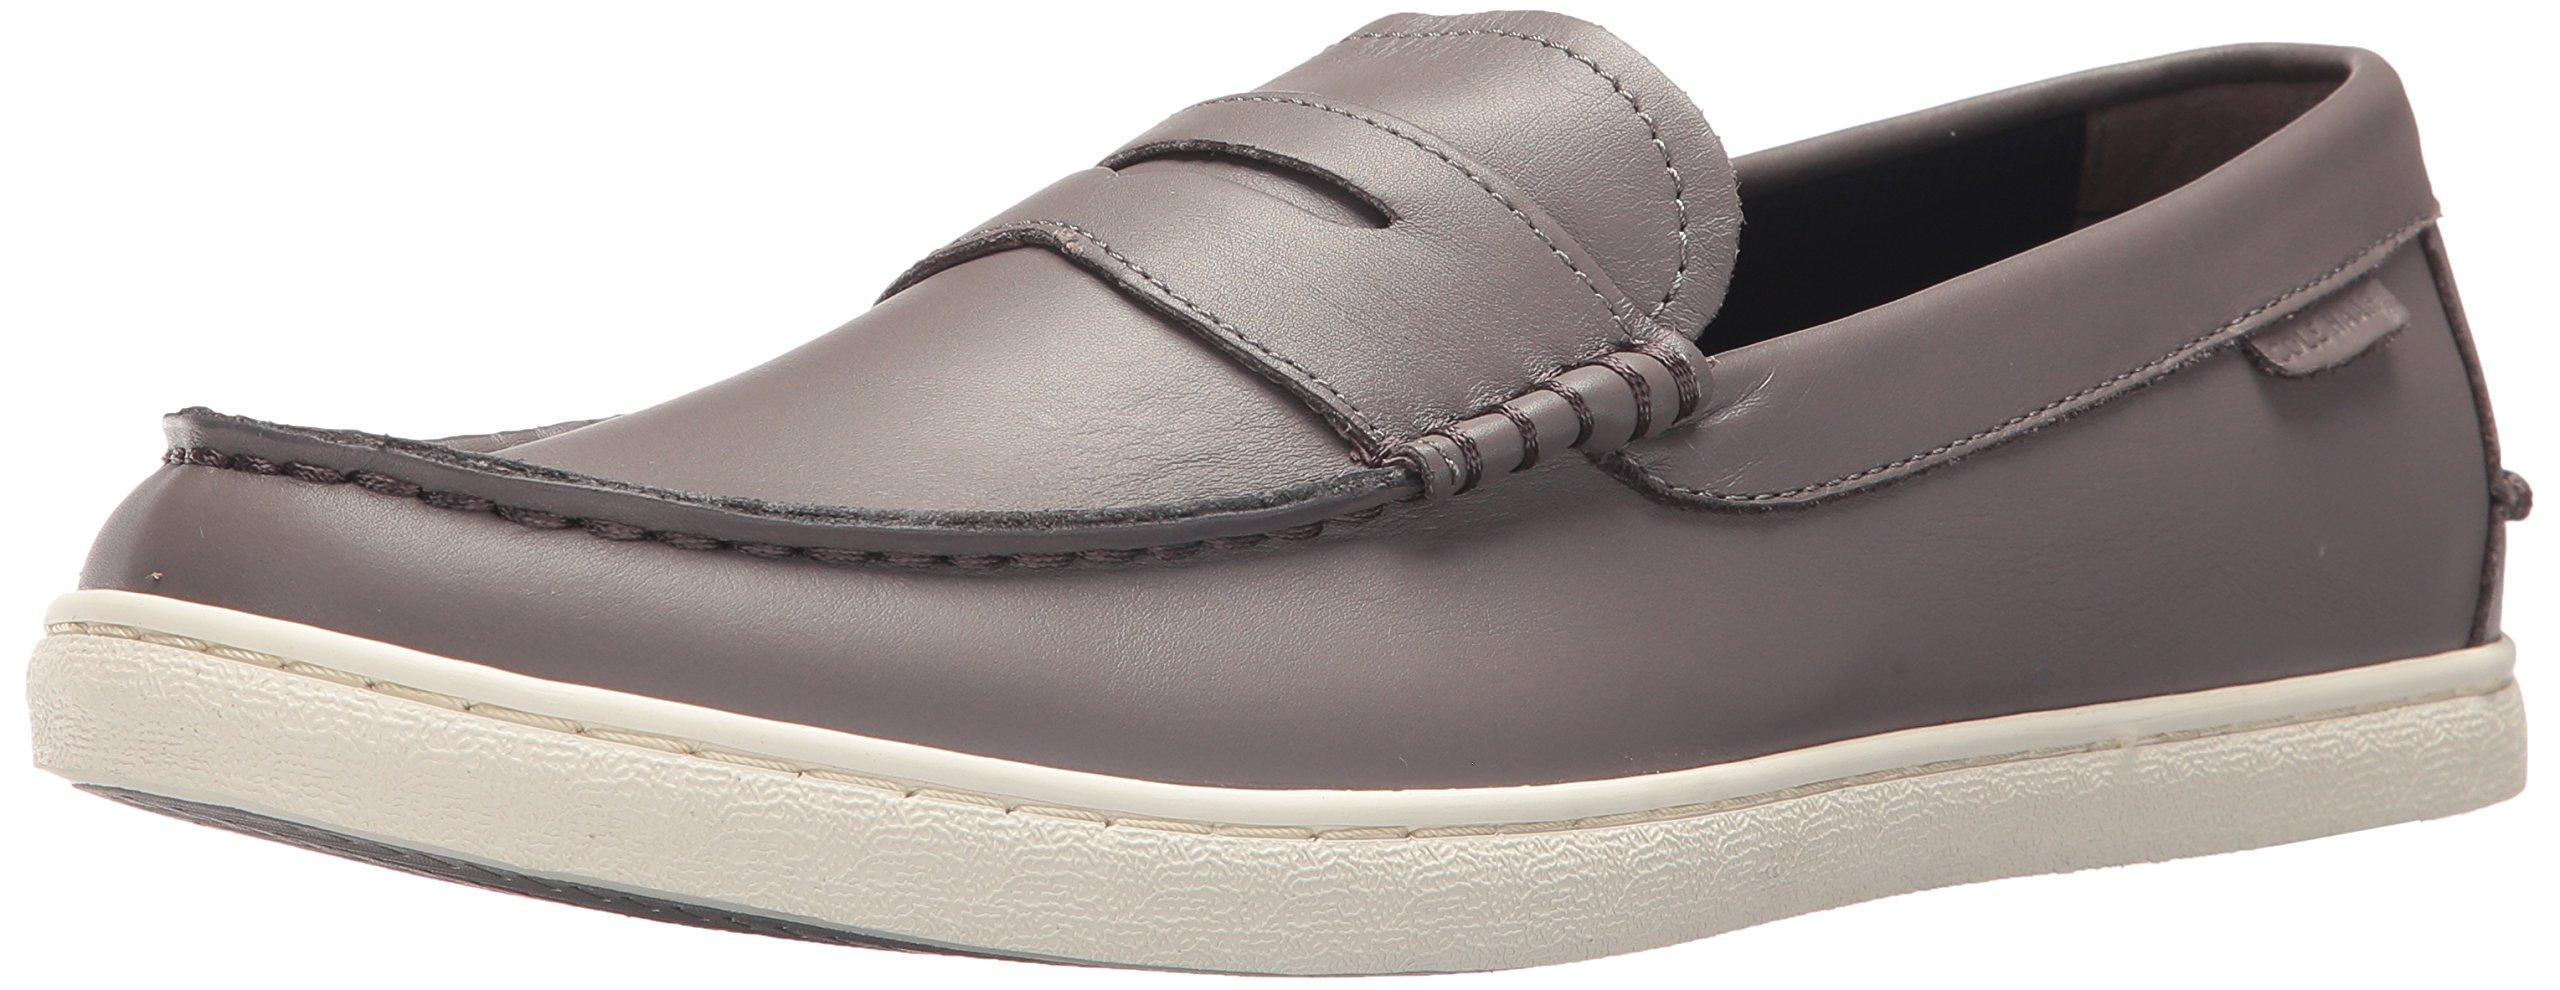 Cole Haan Men's Nantucket Loafer, Stormcloud Leather, 8.5 Medium US